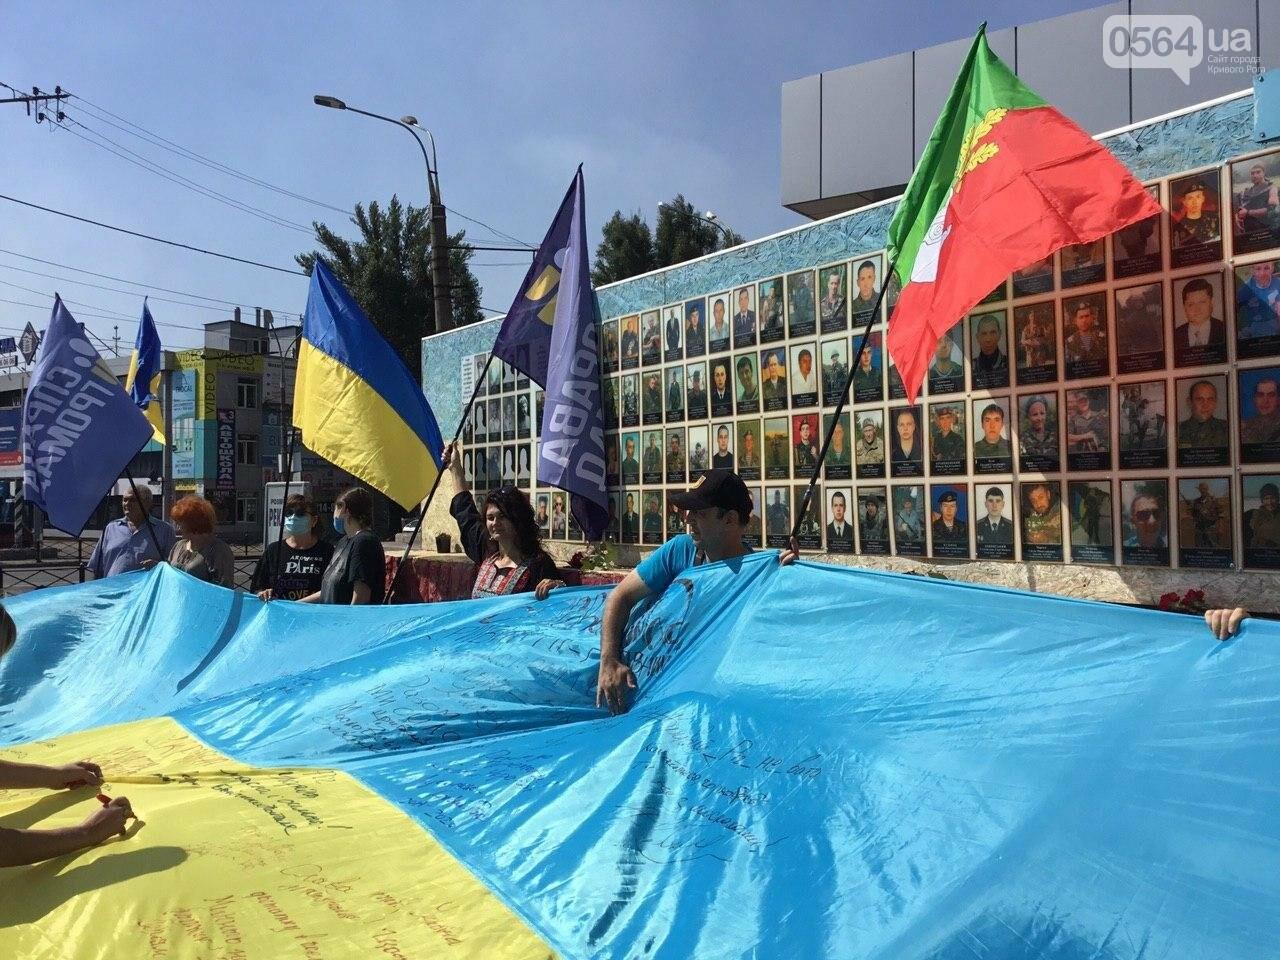 """""""Українці - брати, Разом ми - сила!"""", - какие пожелания и призывы написали криворожане на Знамени Единства, - ФОТО, ВИДЕО, фото-34"""